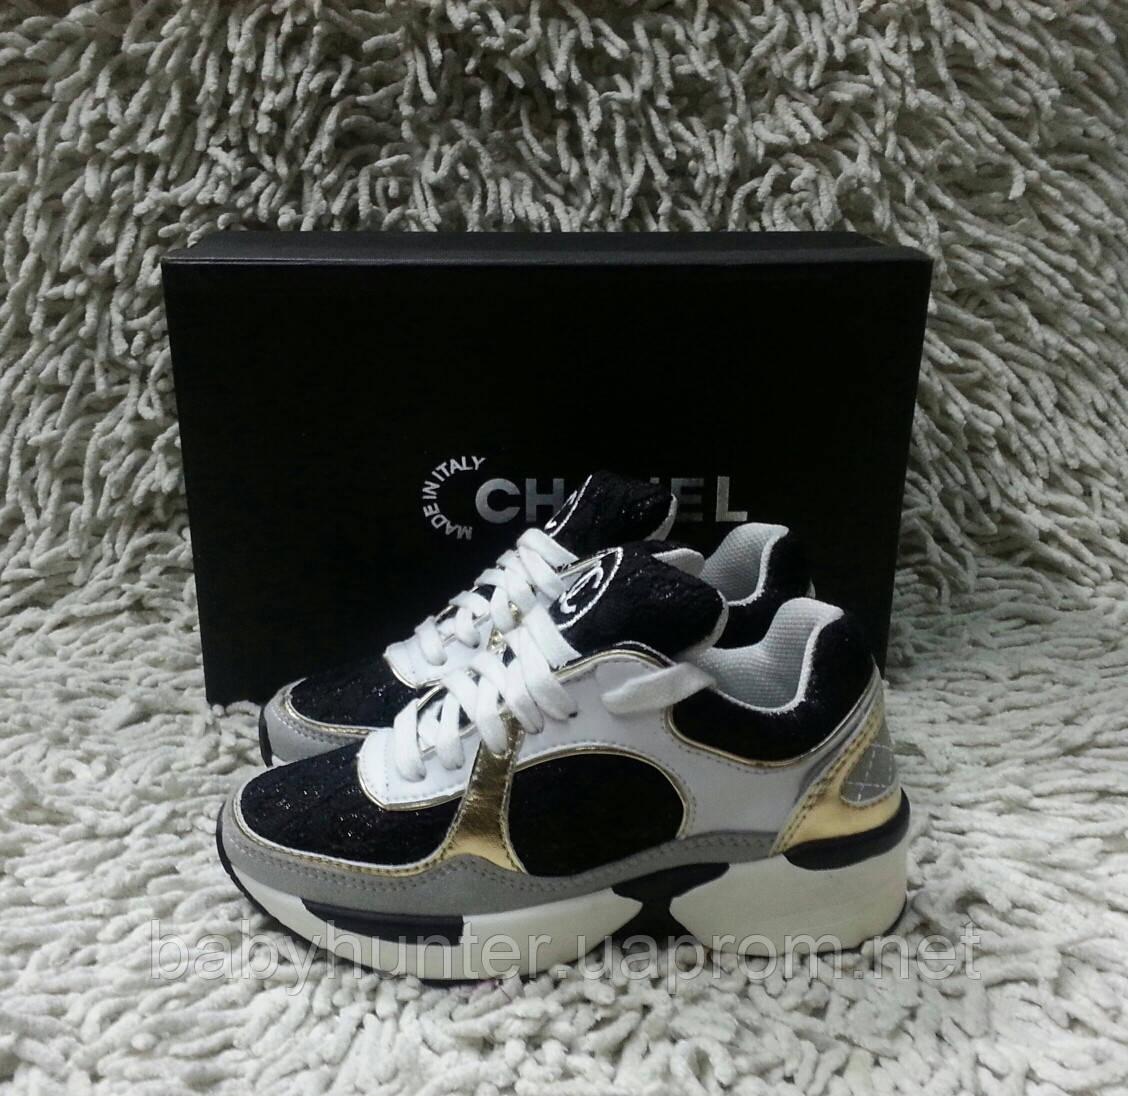 Кроссовки Chanel купить киев  продажа, цена в Киеве. кроссовки, кеды ... facc966c74f